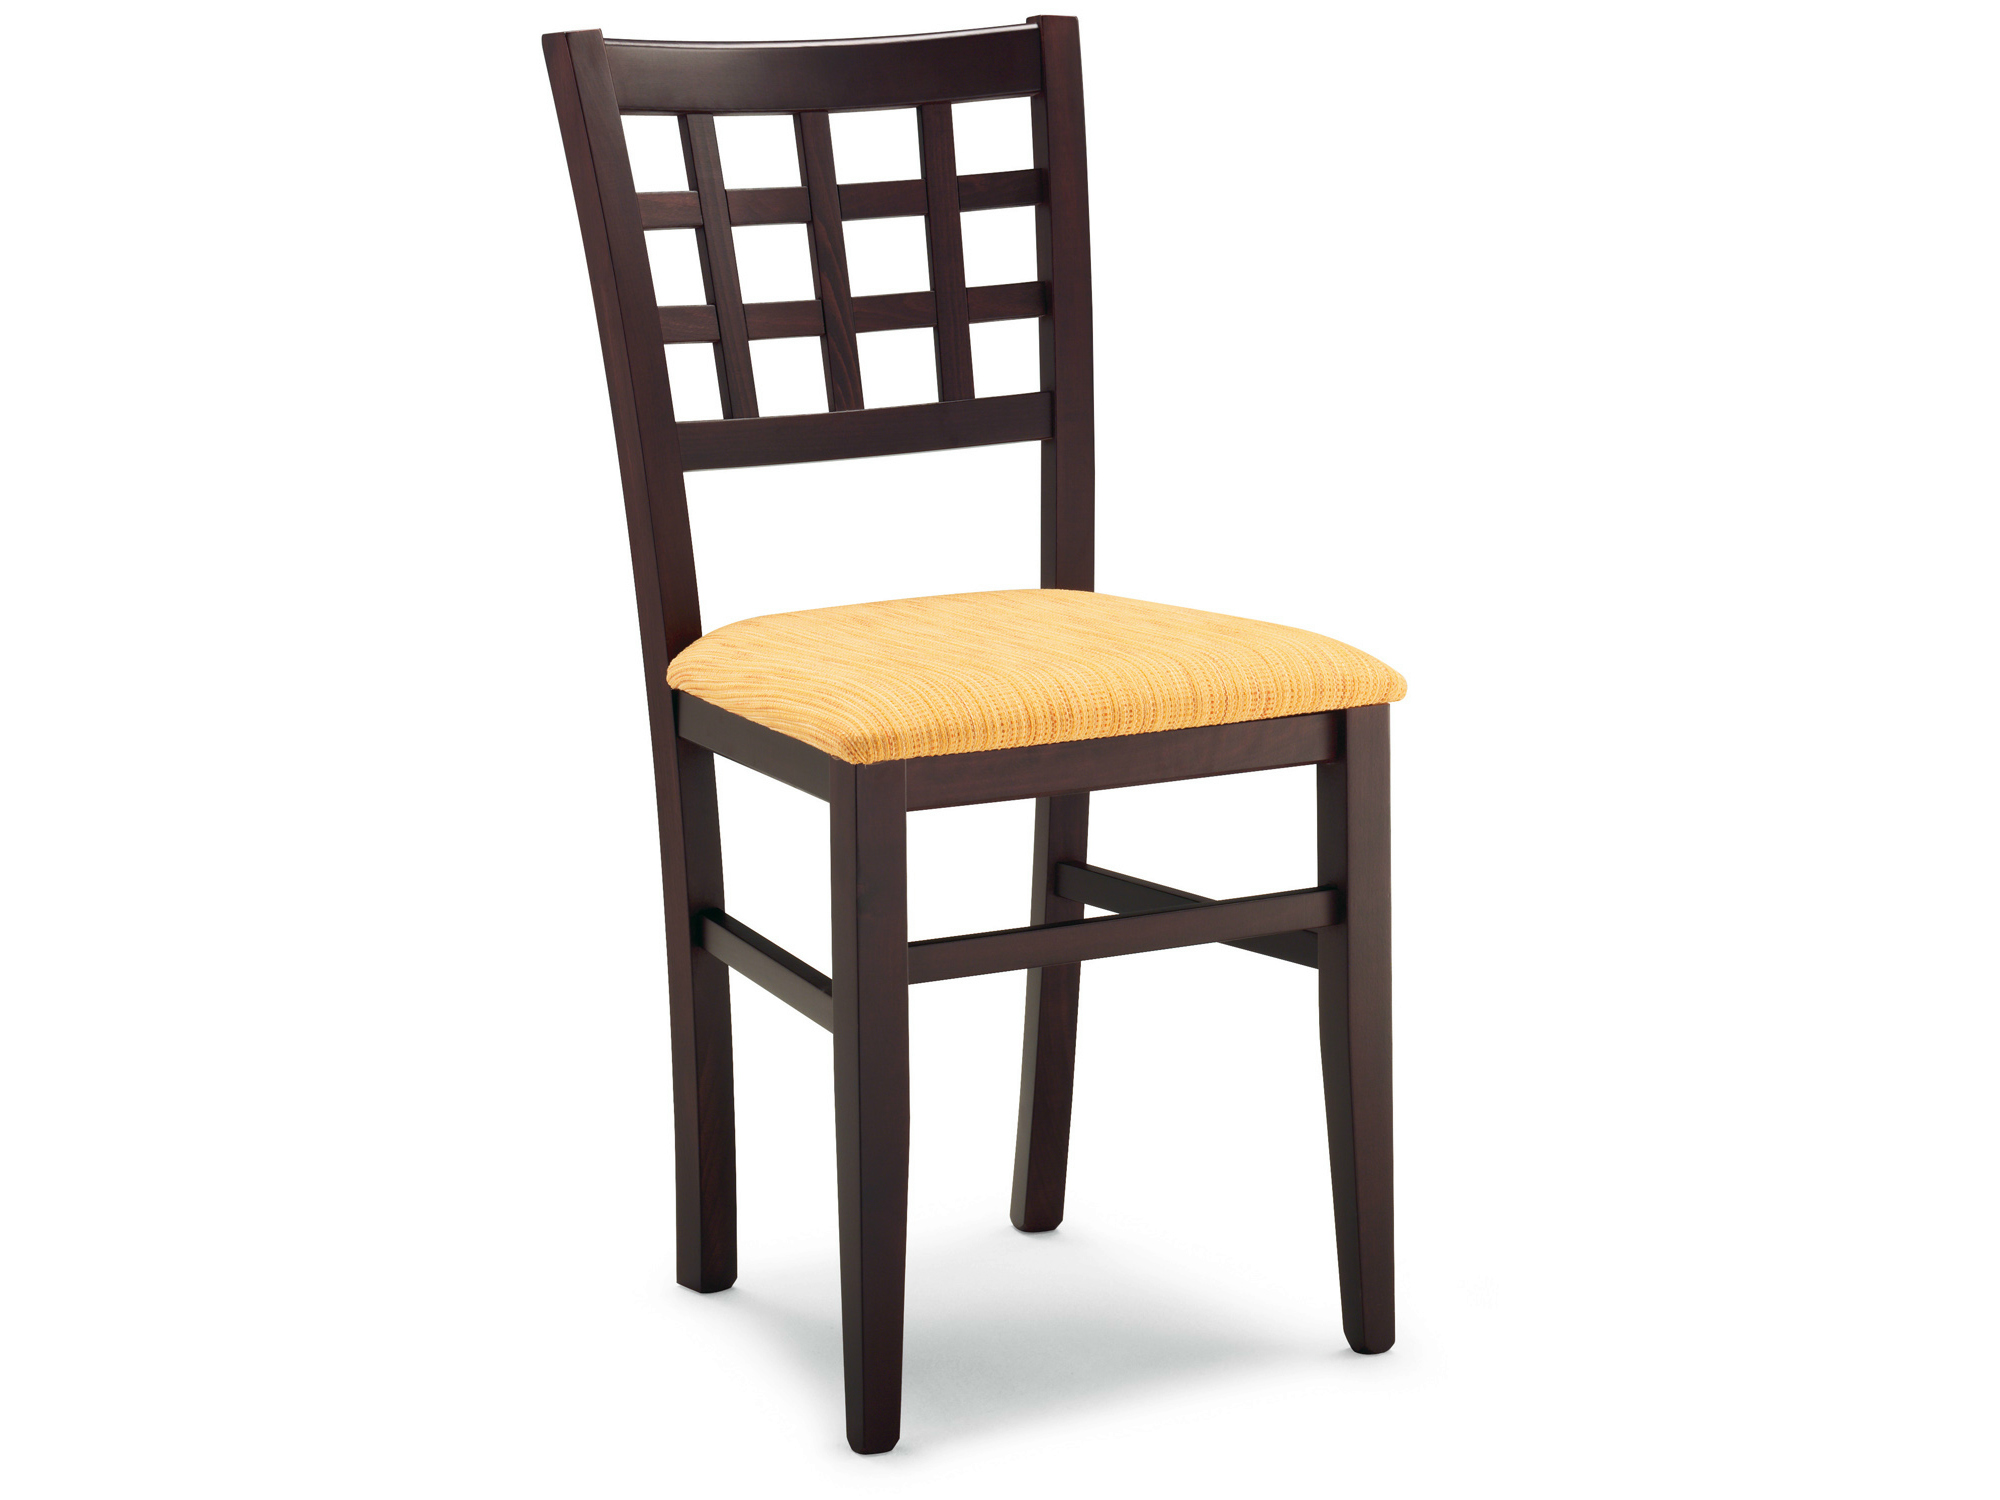 Chaise en h tre gubbio 427 by palma for Chaise en hetre